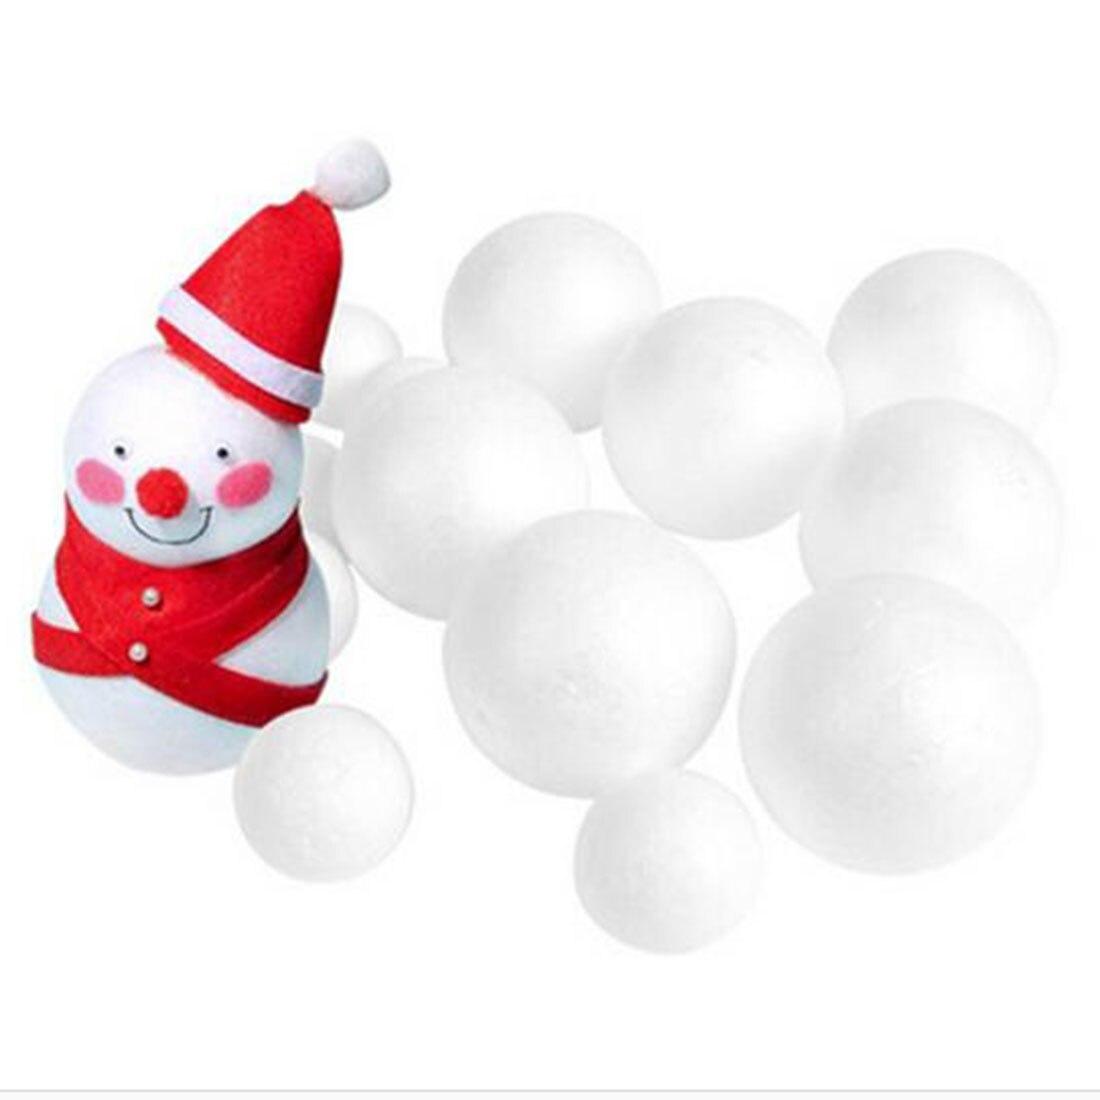 Модные 12 шт. 70 мм моделирование Полистирол Пенопласт Пена Бал Белый Корабль шары для DIY для рождественской вечеринки украшения поставки